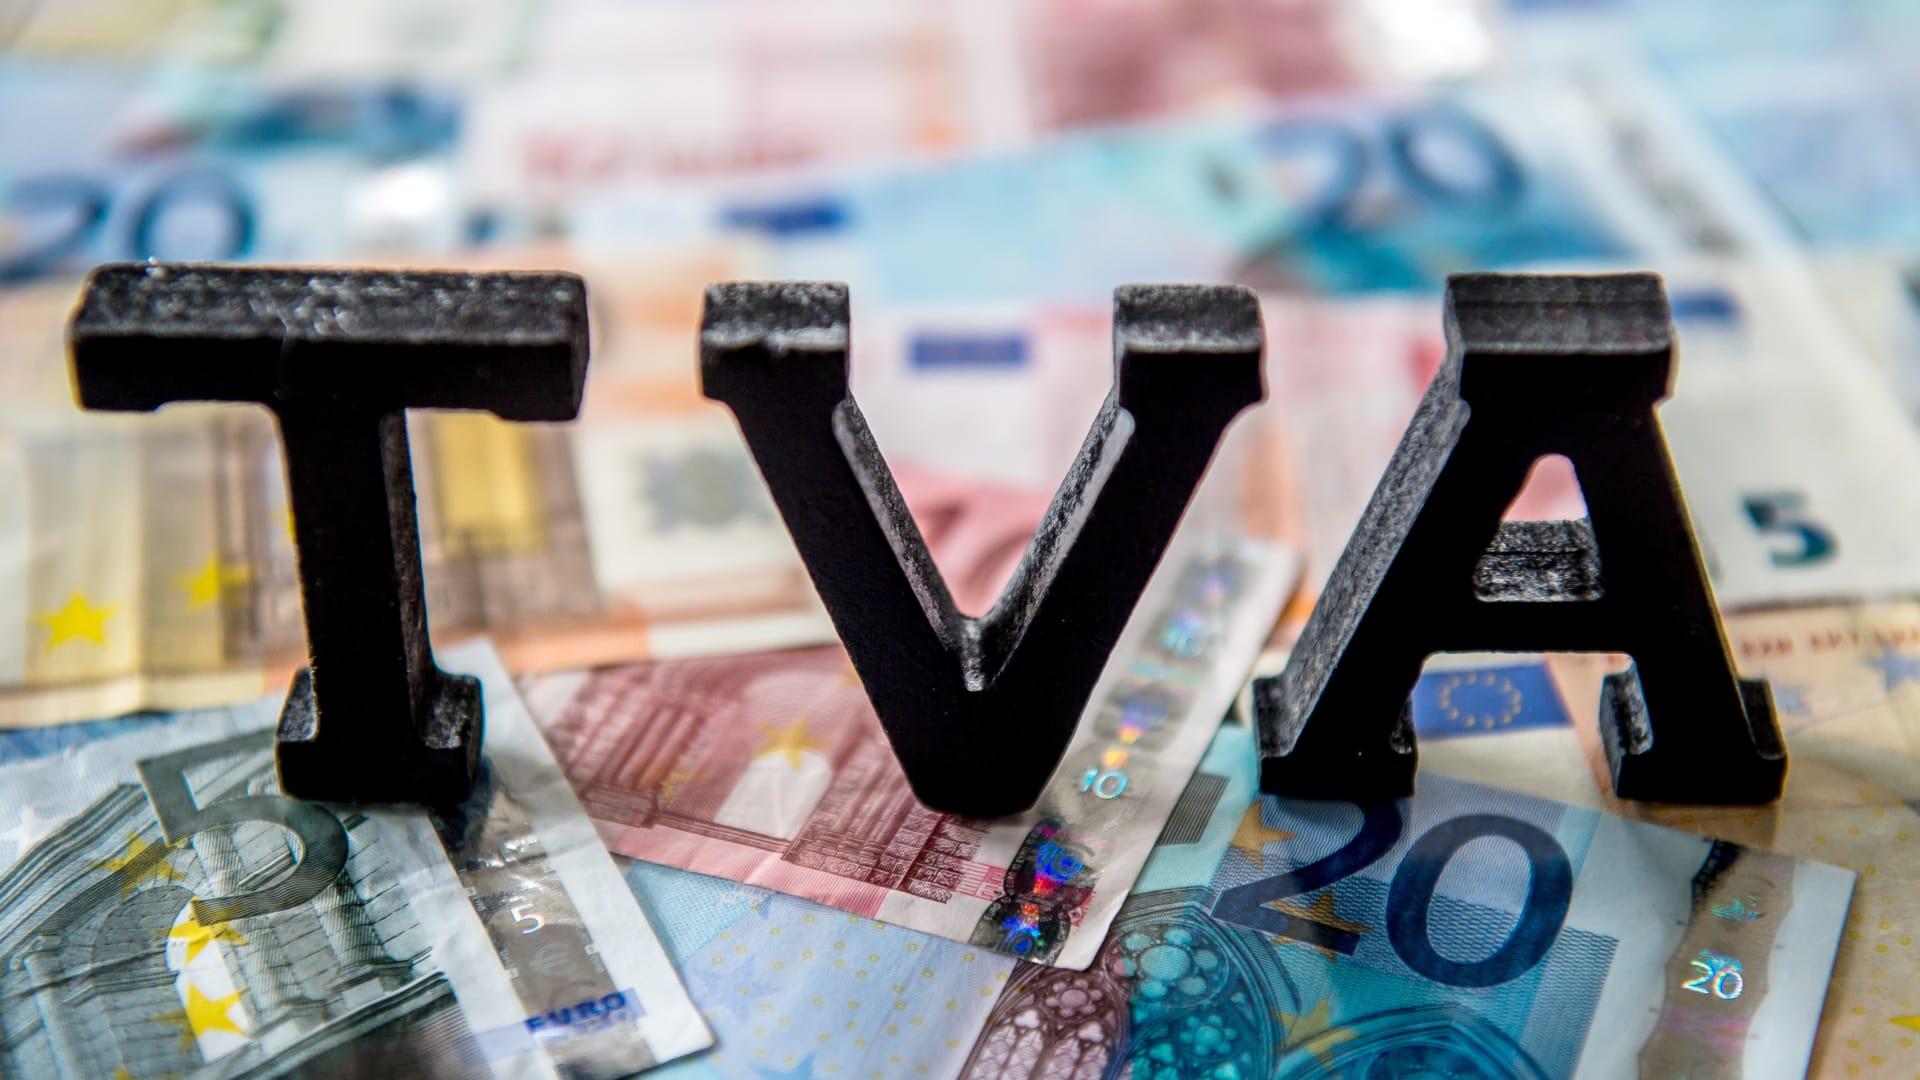 ما الفرق بين ضريبة القيمة المضافة وضريبة المبيعات التقليدية؟